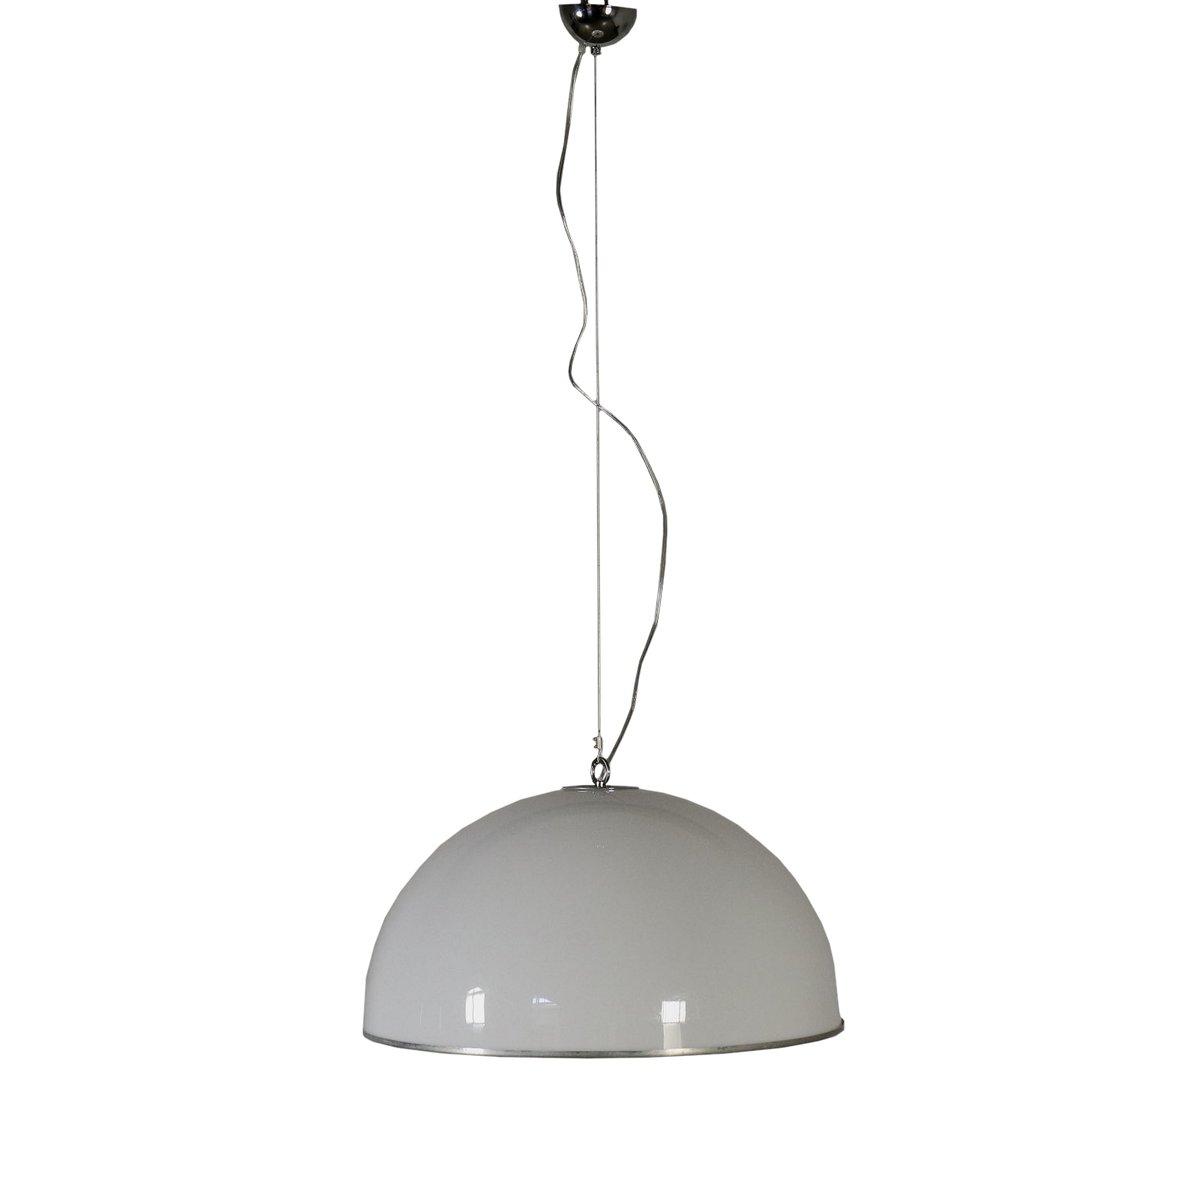 Italienische Deckenlampe aus Aluminium & Plexiglas, 1960er